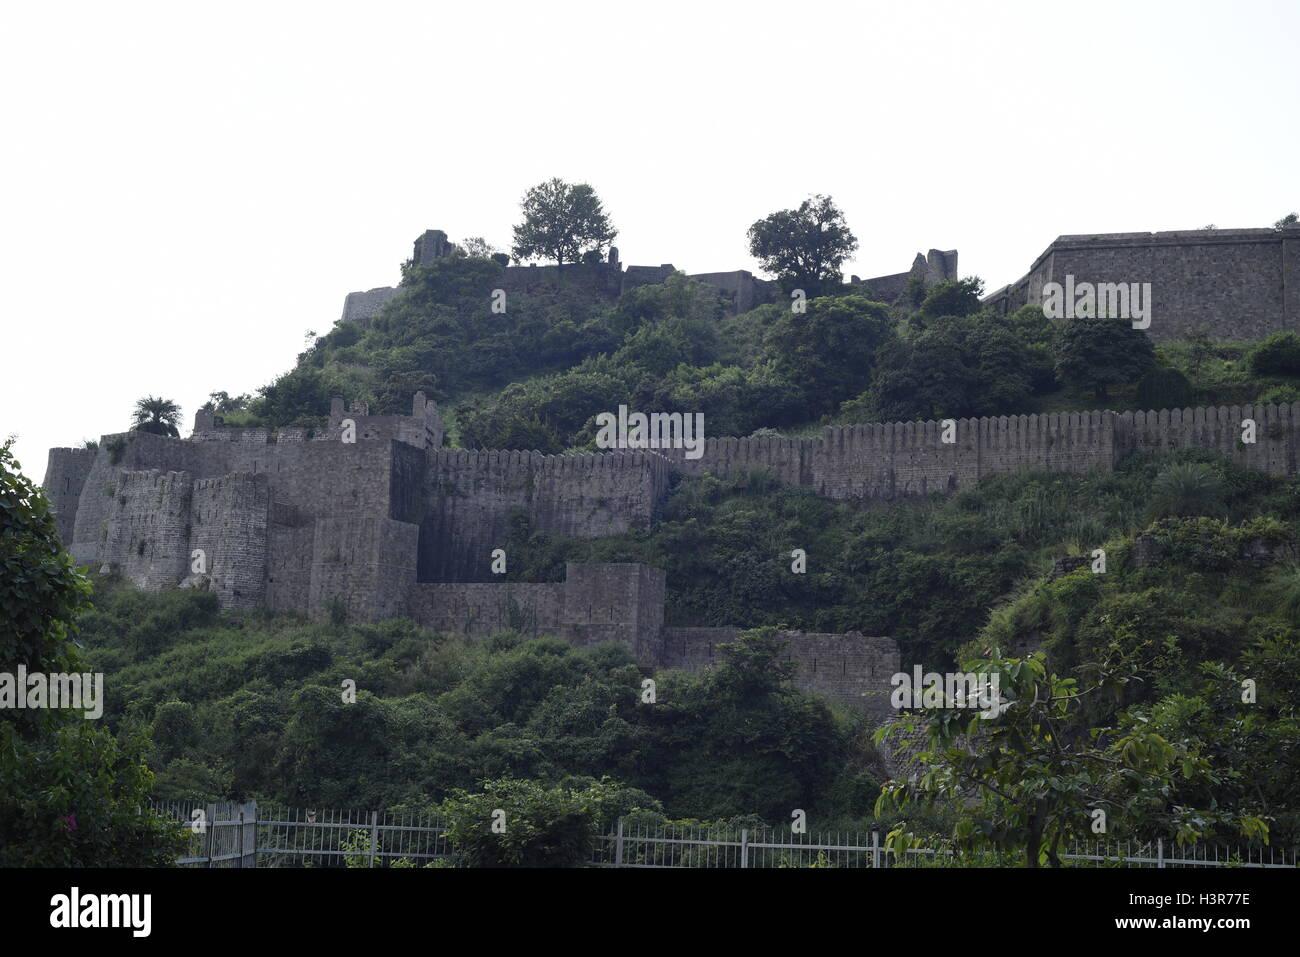 L'architettura storica Kangra fort è situato a 20 chilometri dalla cittadina di Dharamsala nella periferia di Kangra, India. Foto Stock